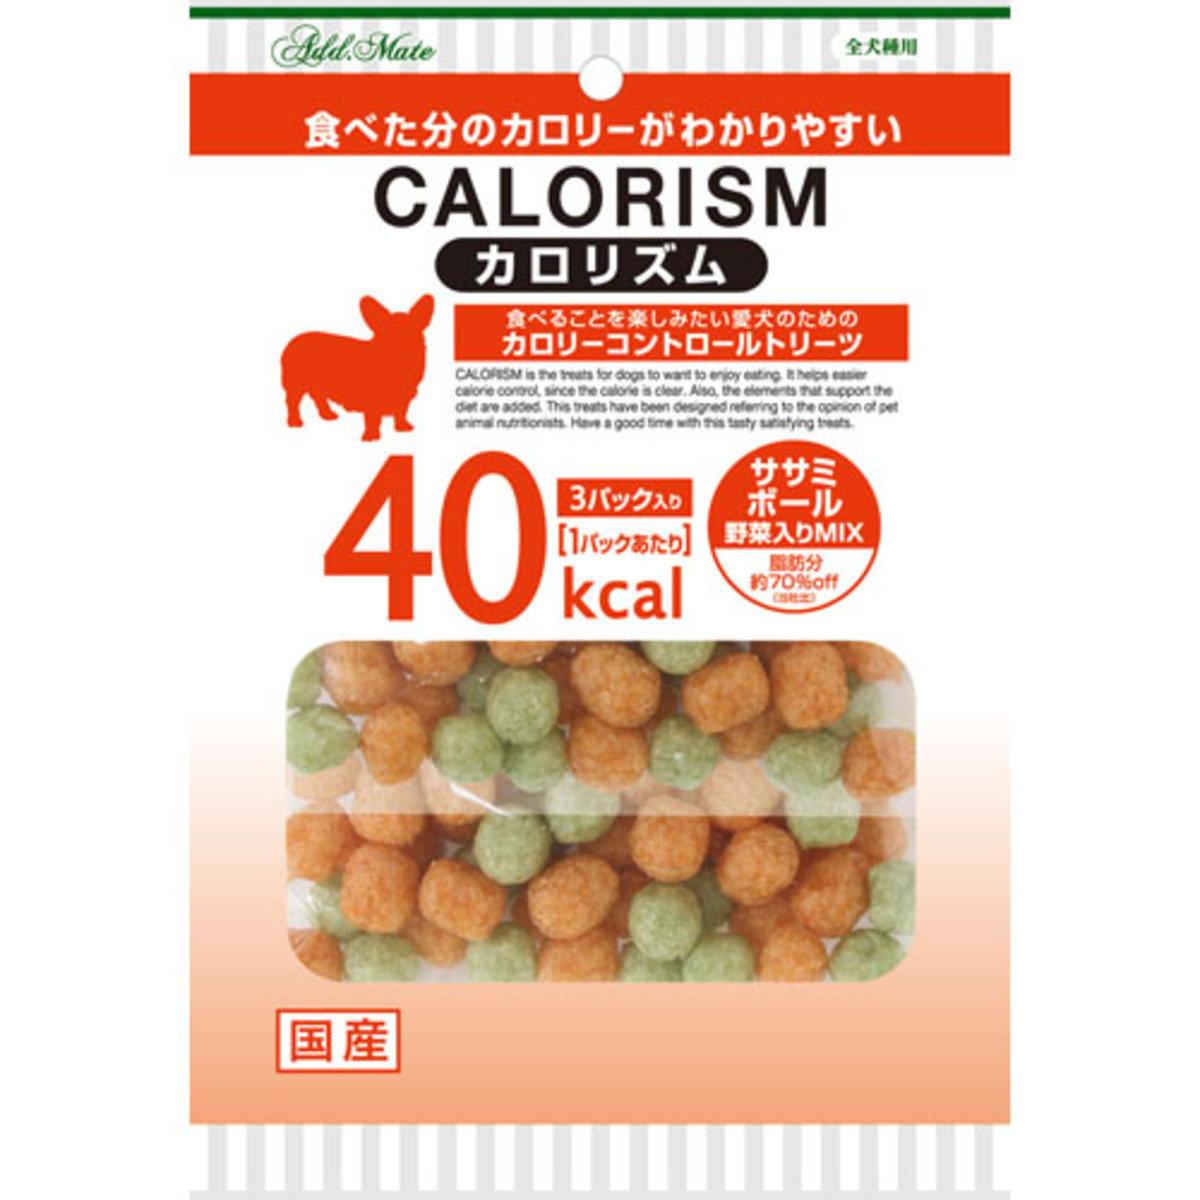 狗小食雞胸肉及蔬菜球(A12495)